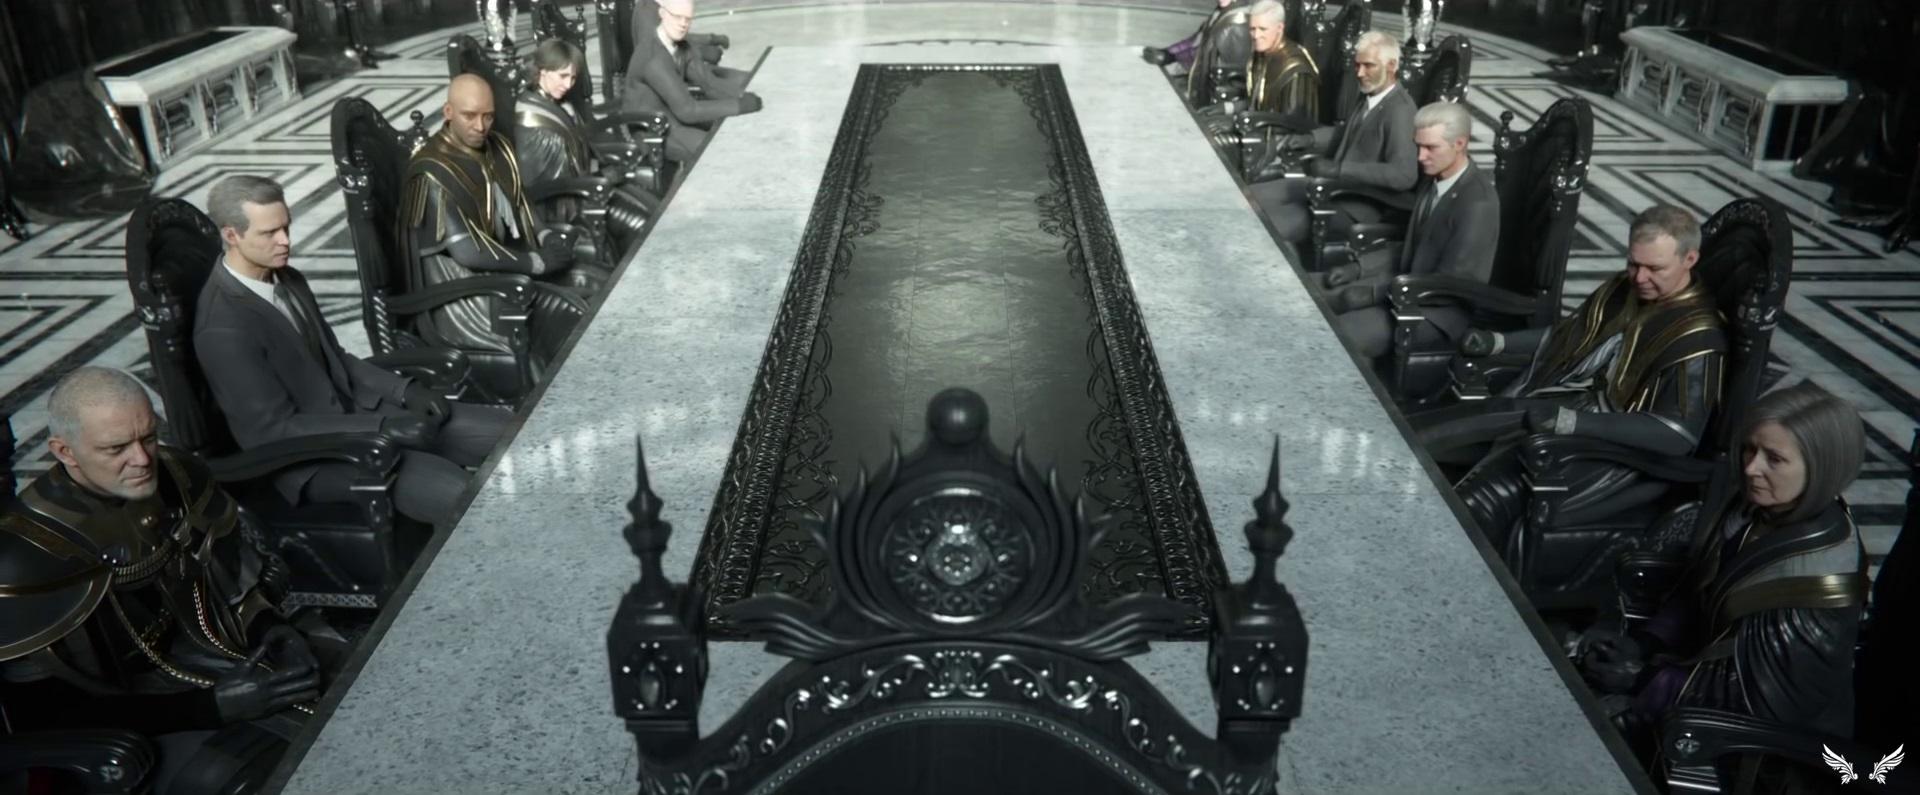 kingsglaive-trailer-18